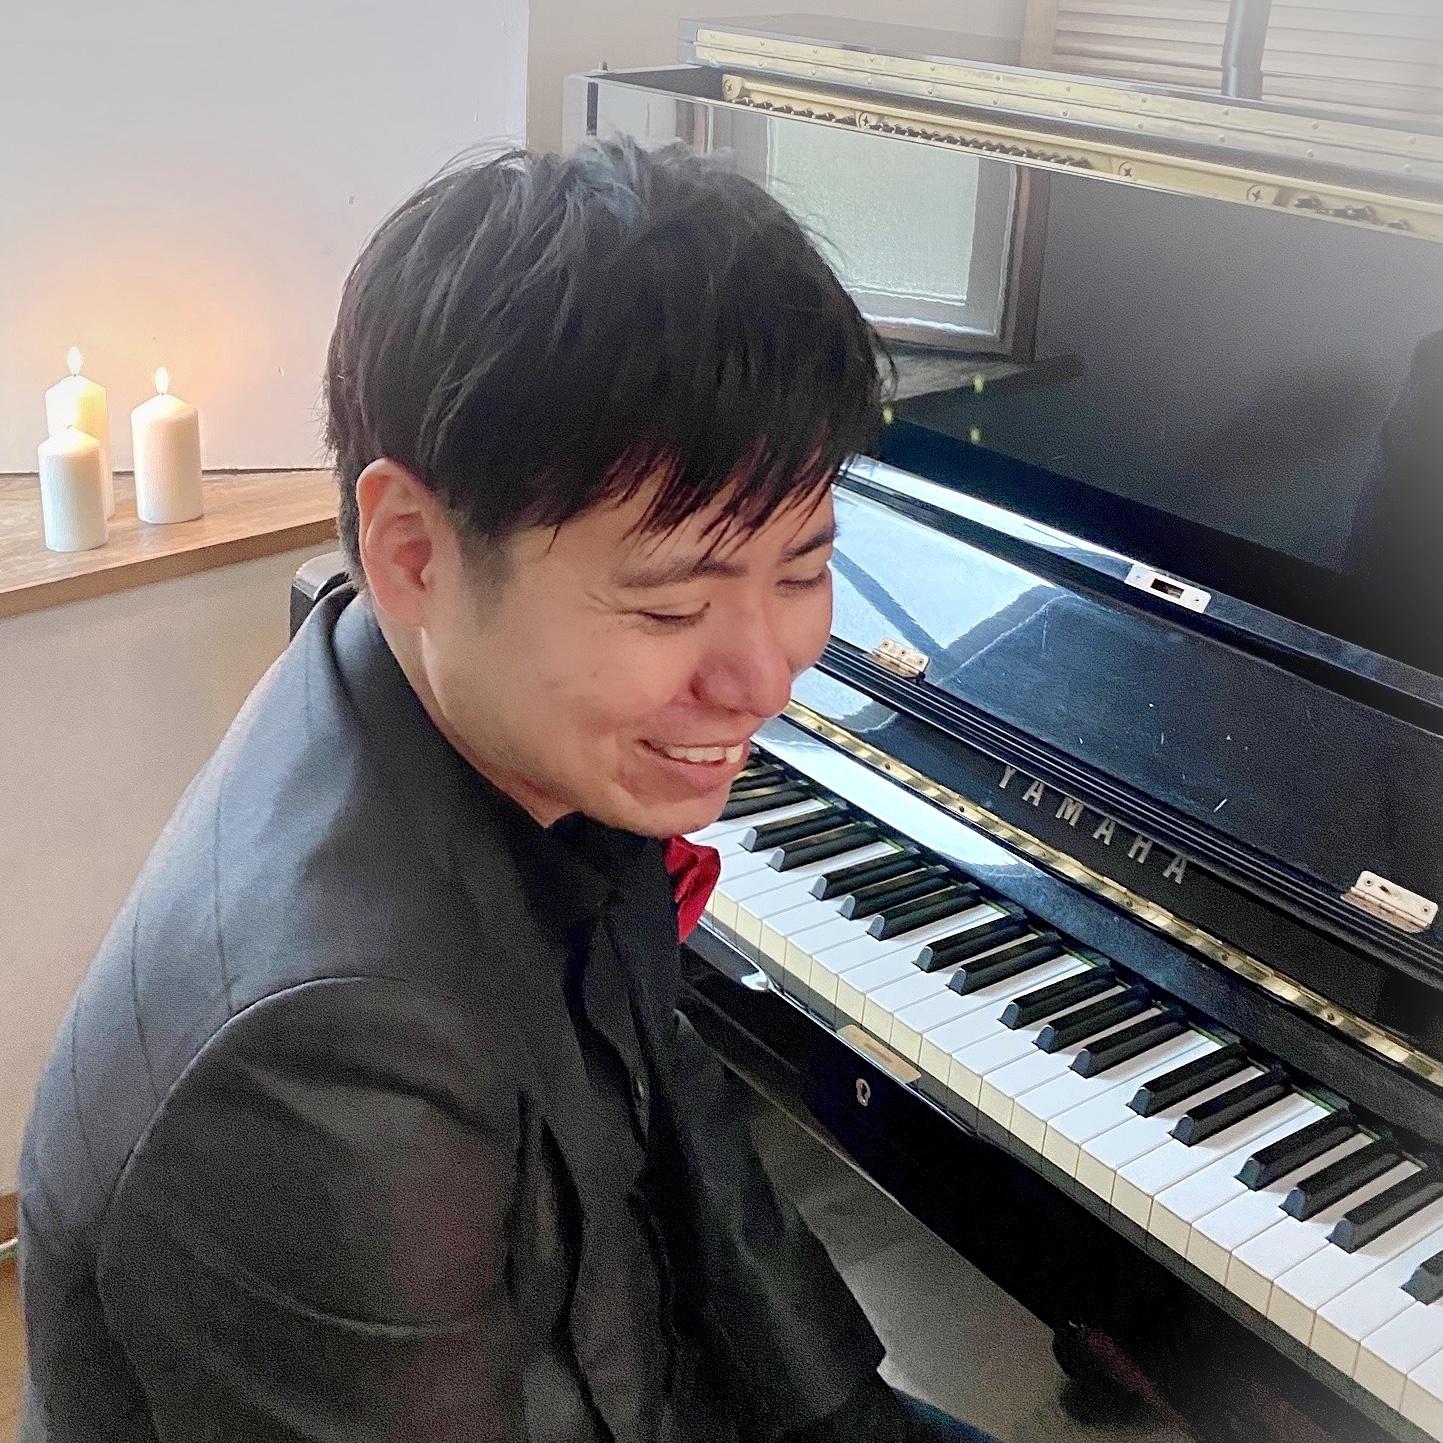 田中 和音(たなか かずね)